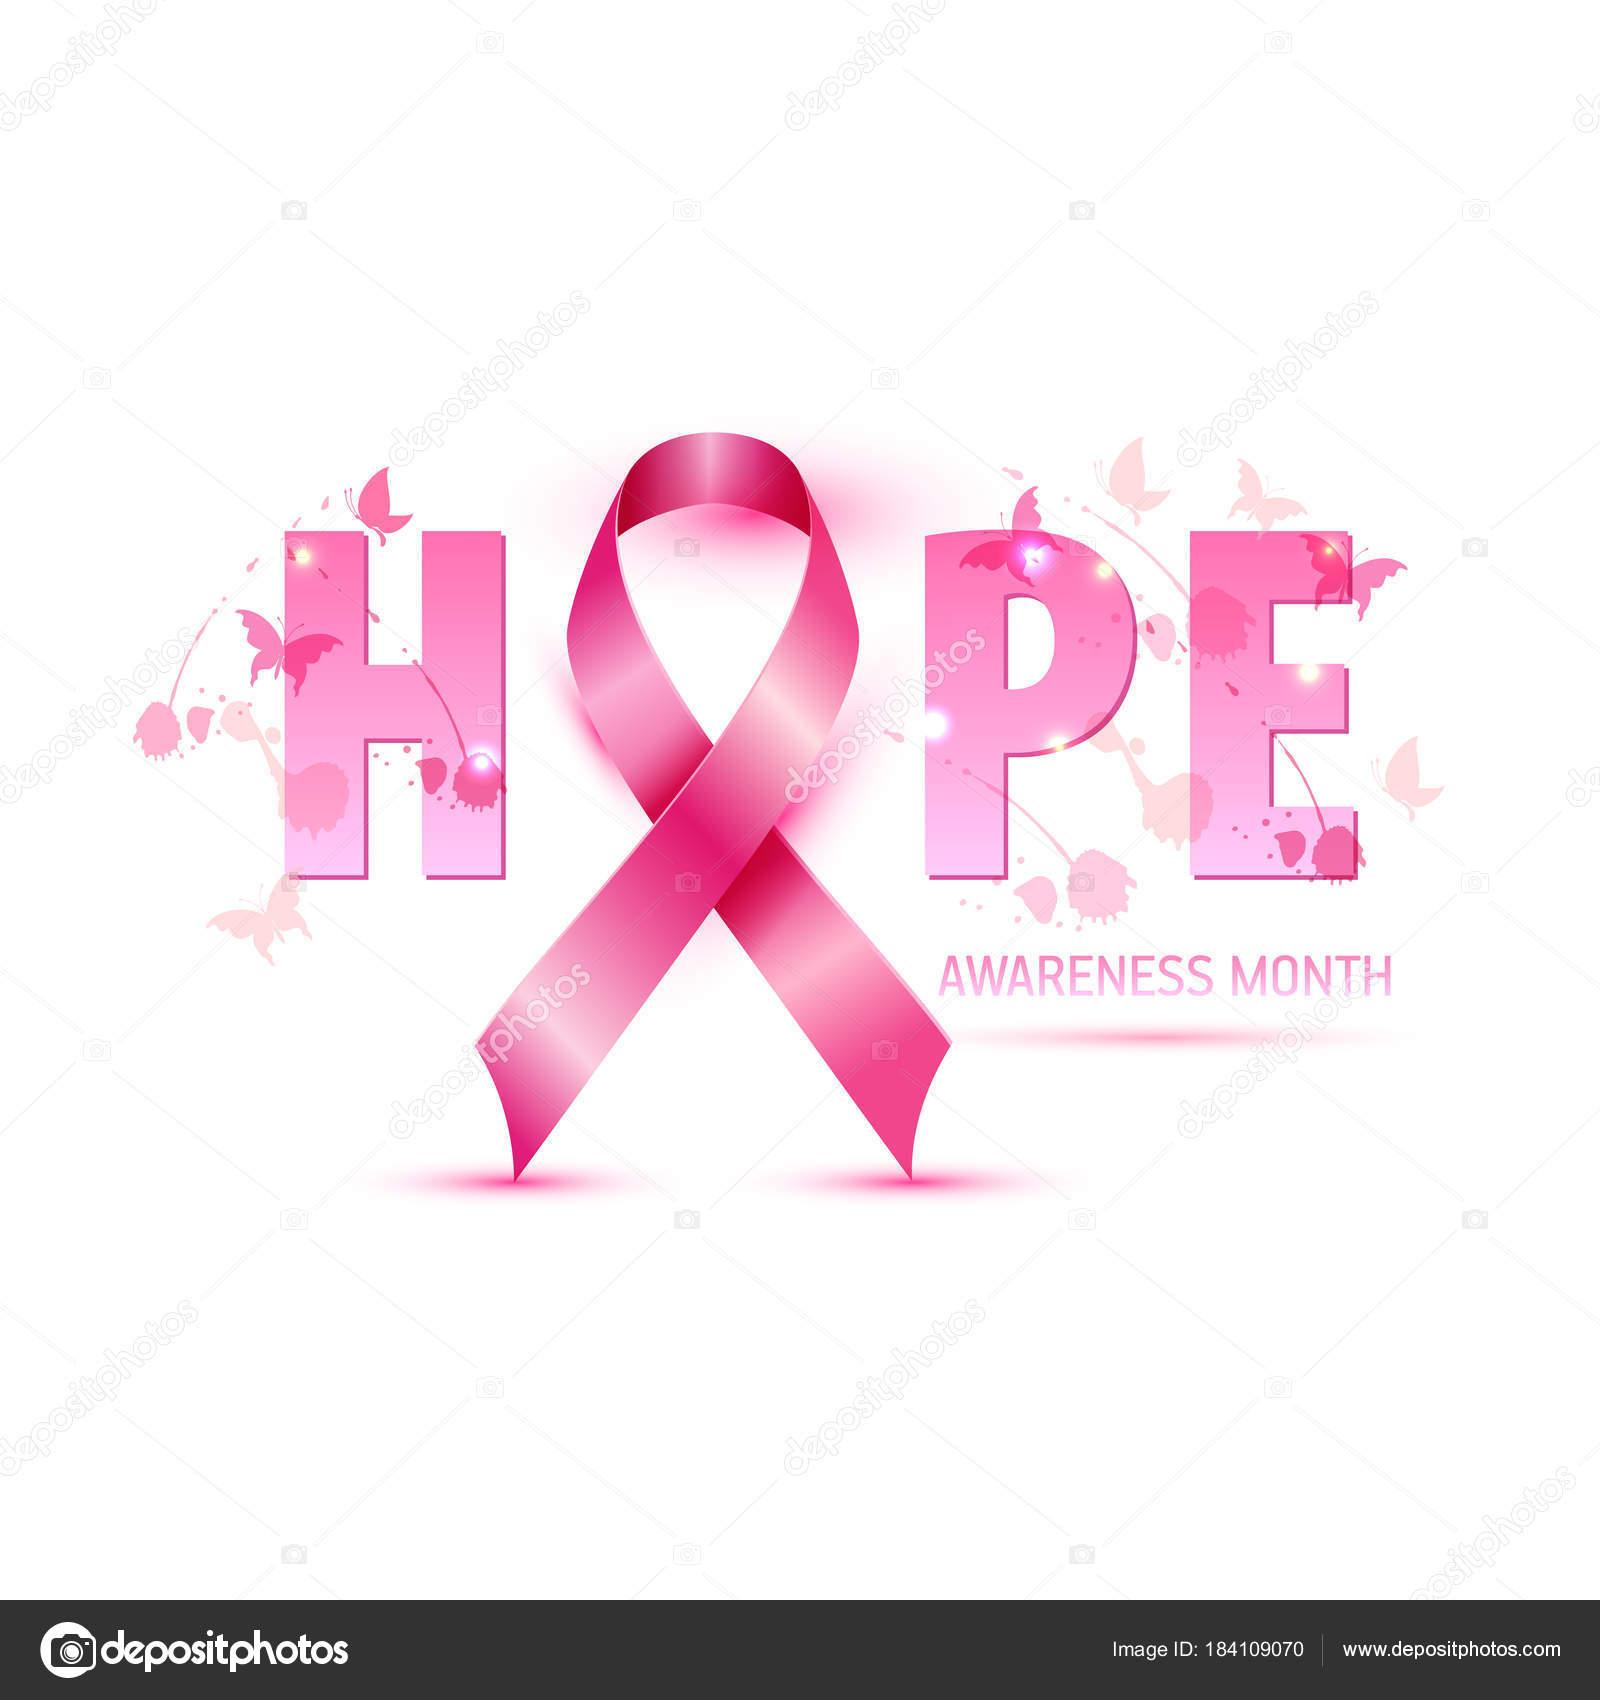 Imagenes Lazos Rosas Cancer.Imagenes Lazos Rosas Contra Cancer Mama Cancer Conciencia